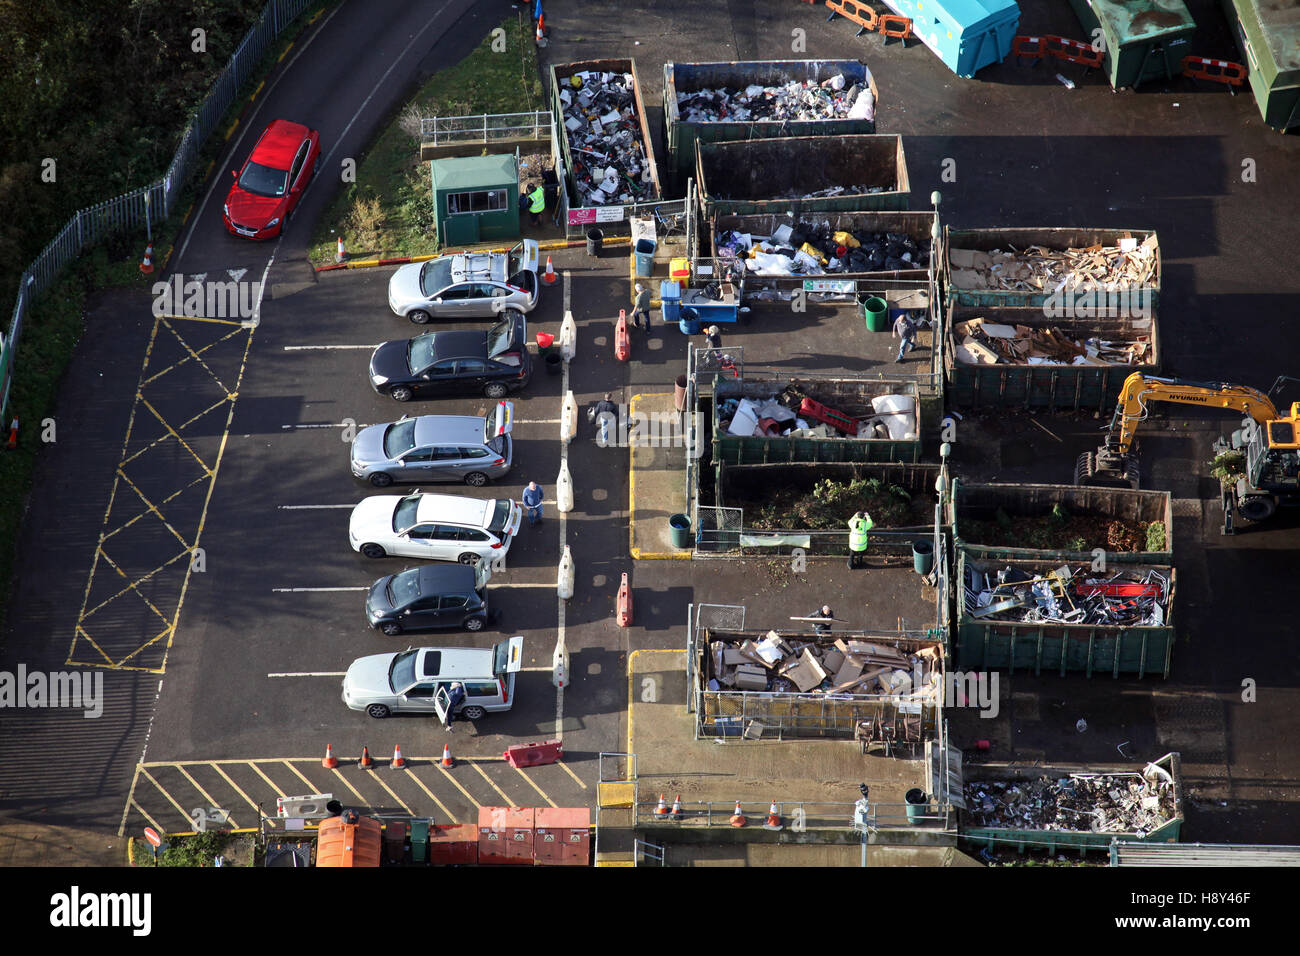 Vue aérienne de l'usine de recyclage de déchets domestiques en UK Photo Stock